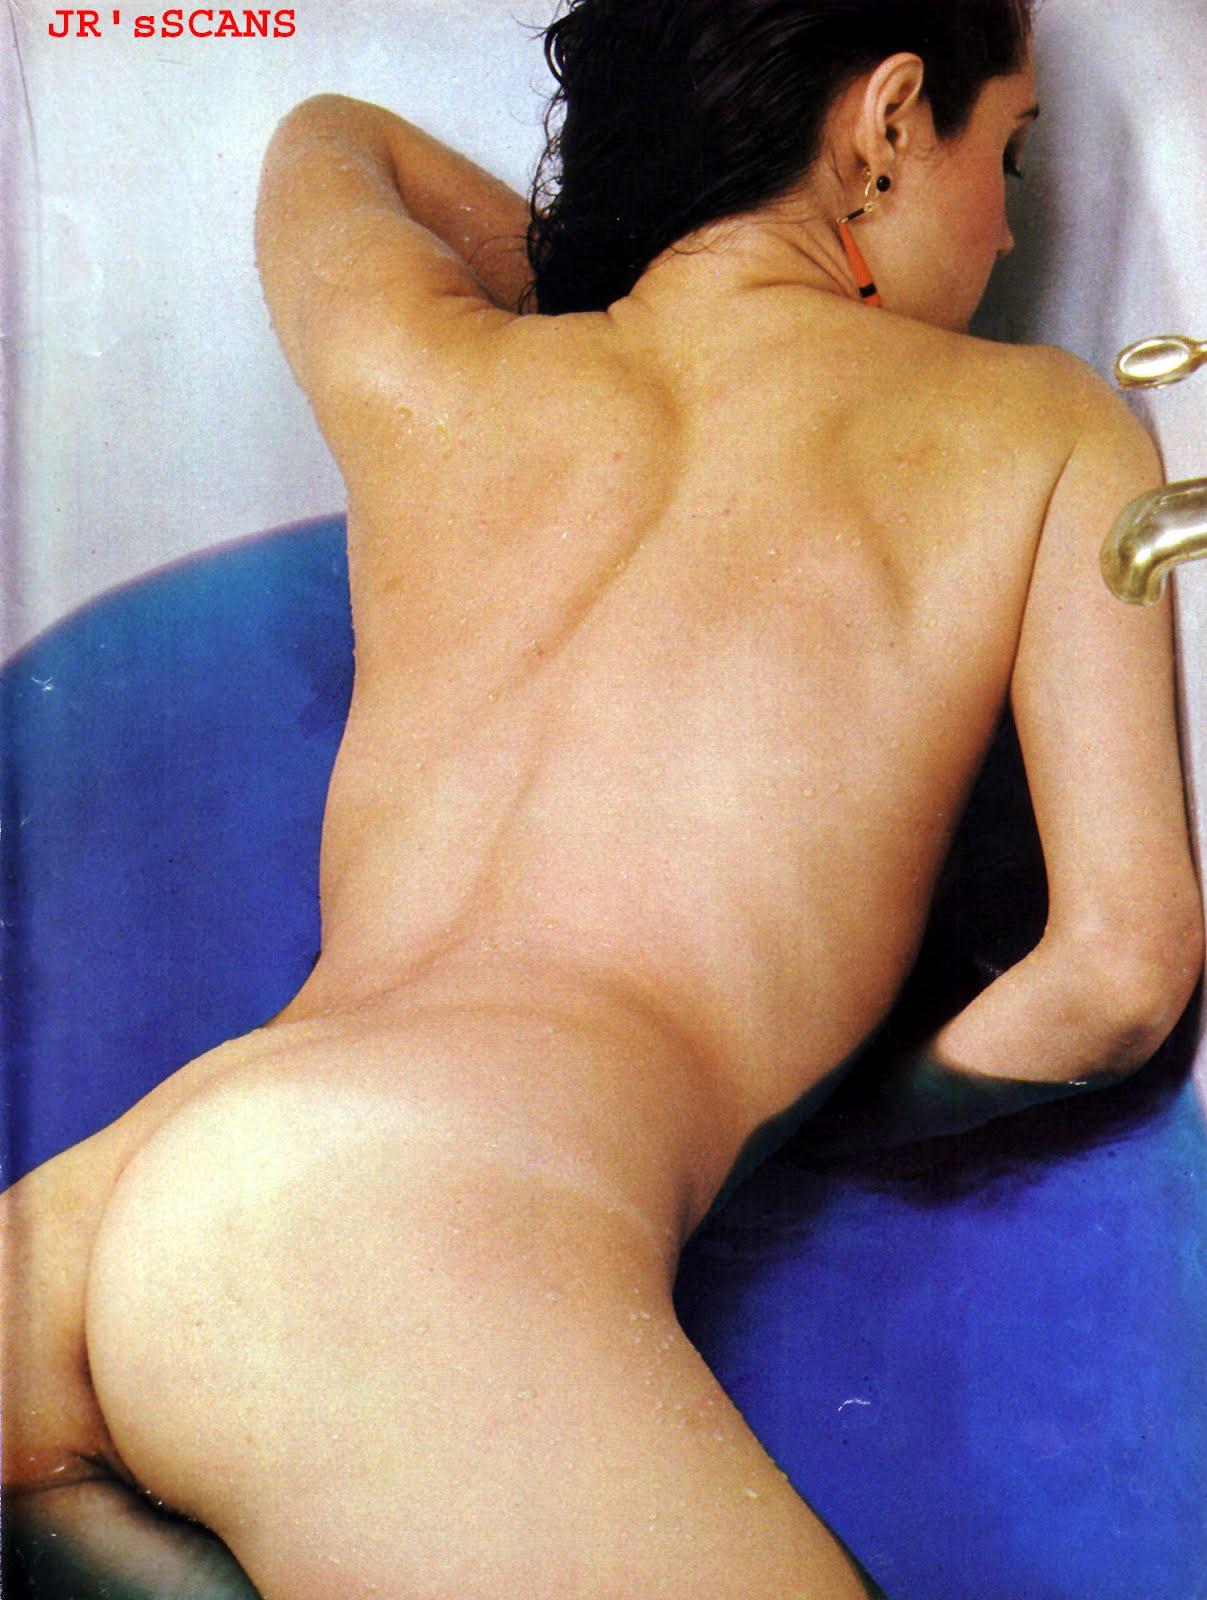 Agora Vamos Ver As Fotos De Christiane Torloni Pelada Na Playboy Que